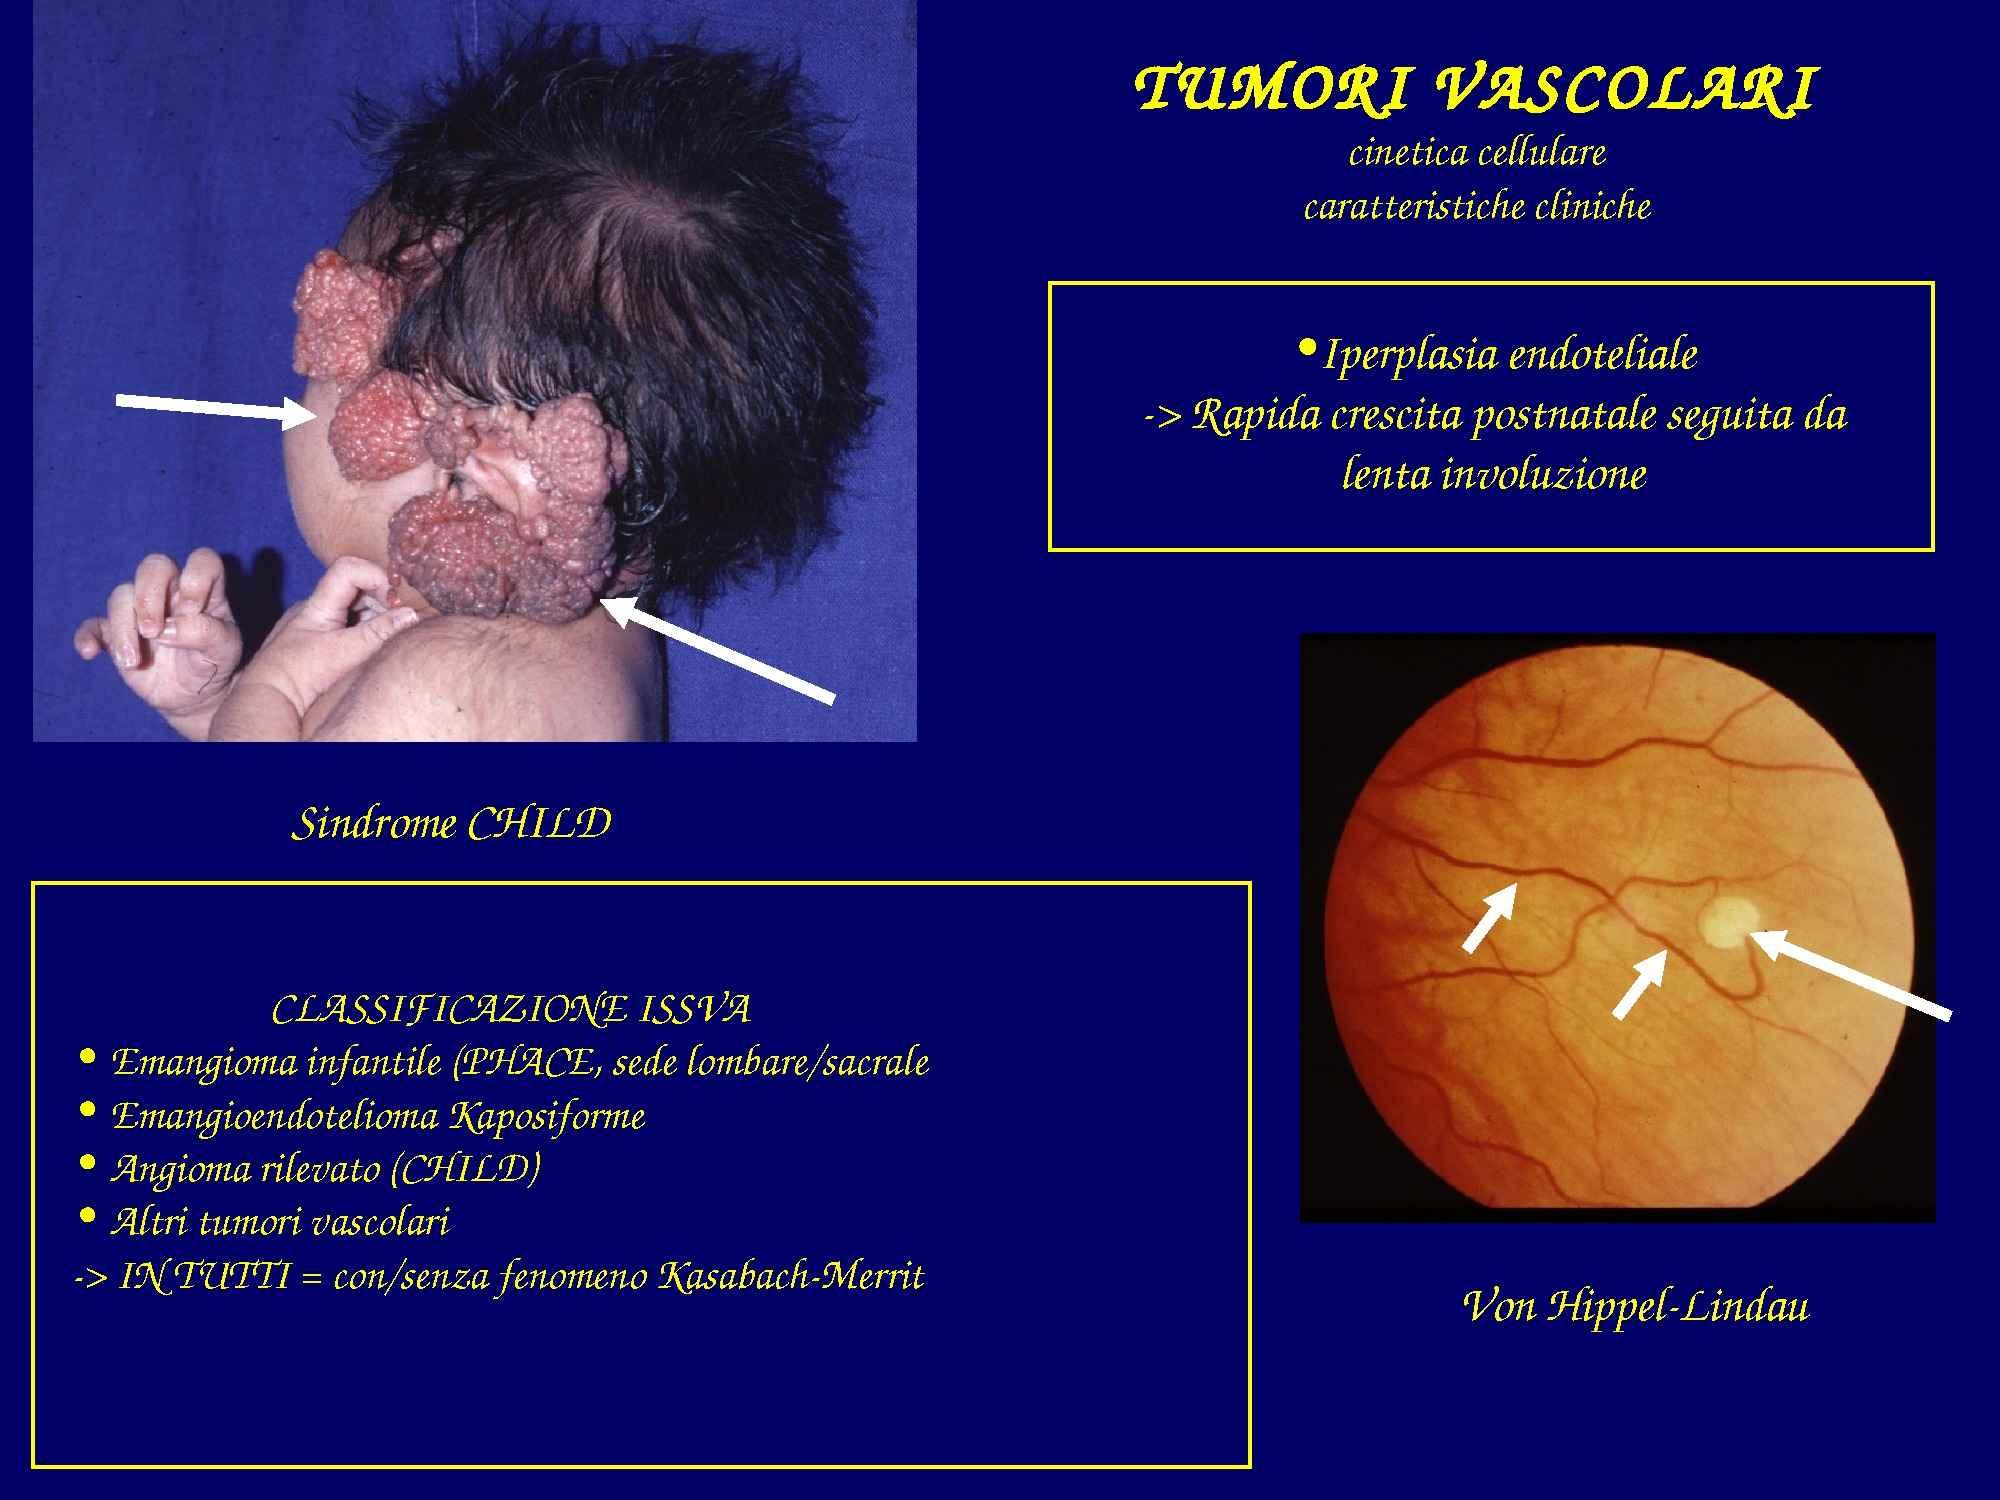 Tumori vascolari